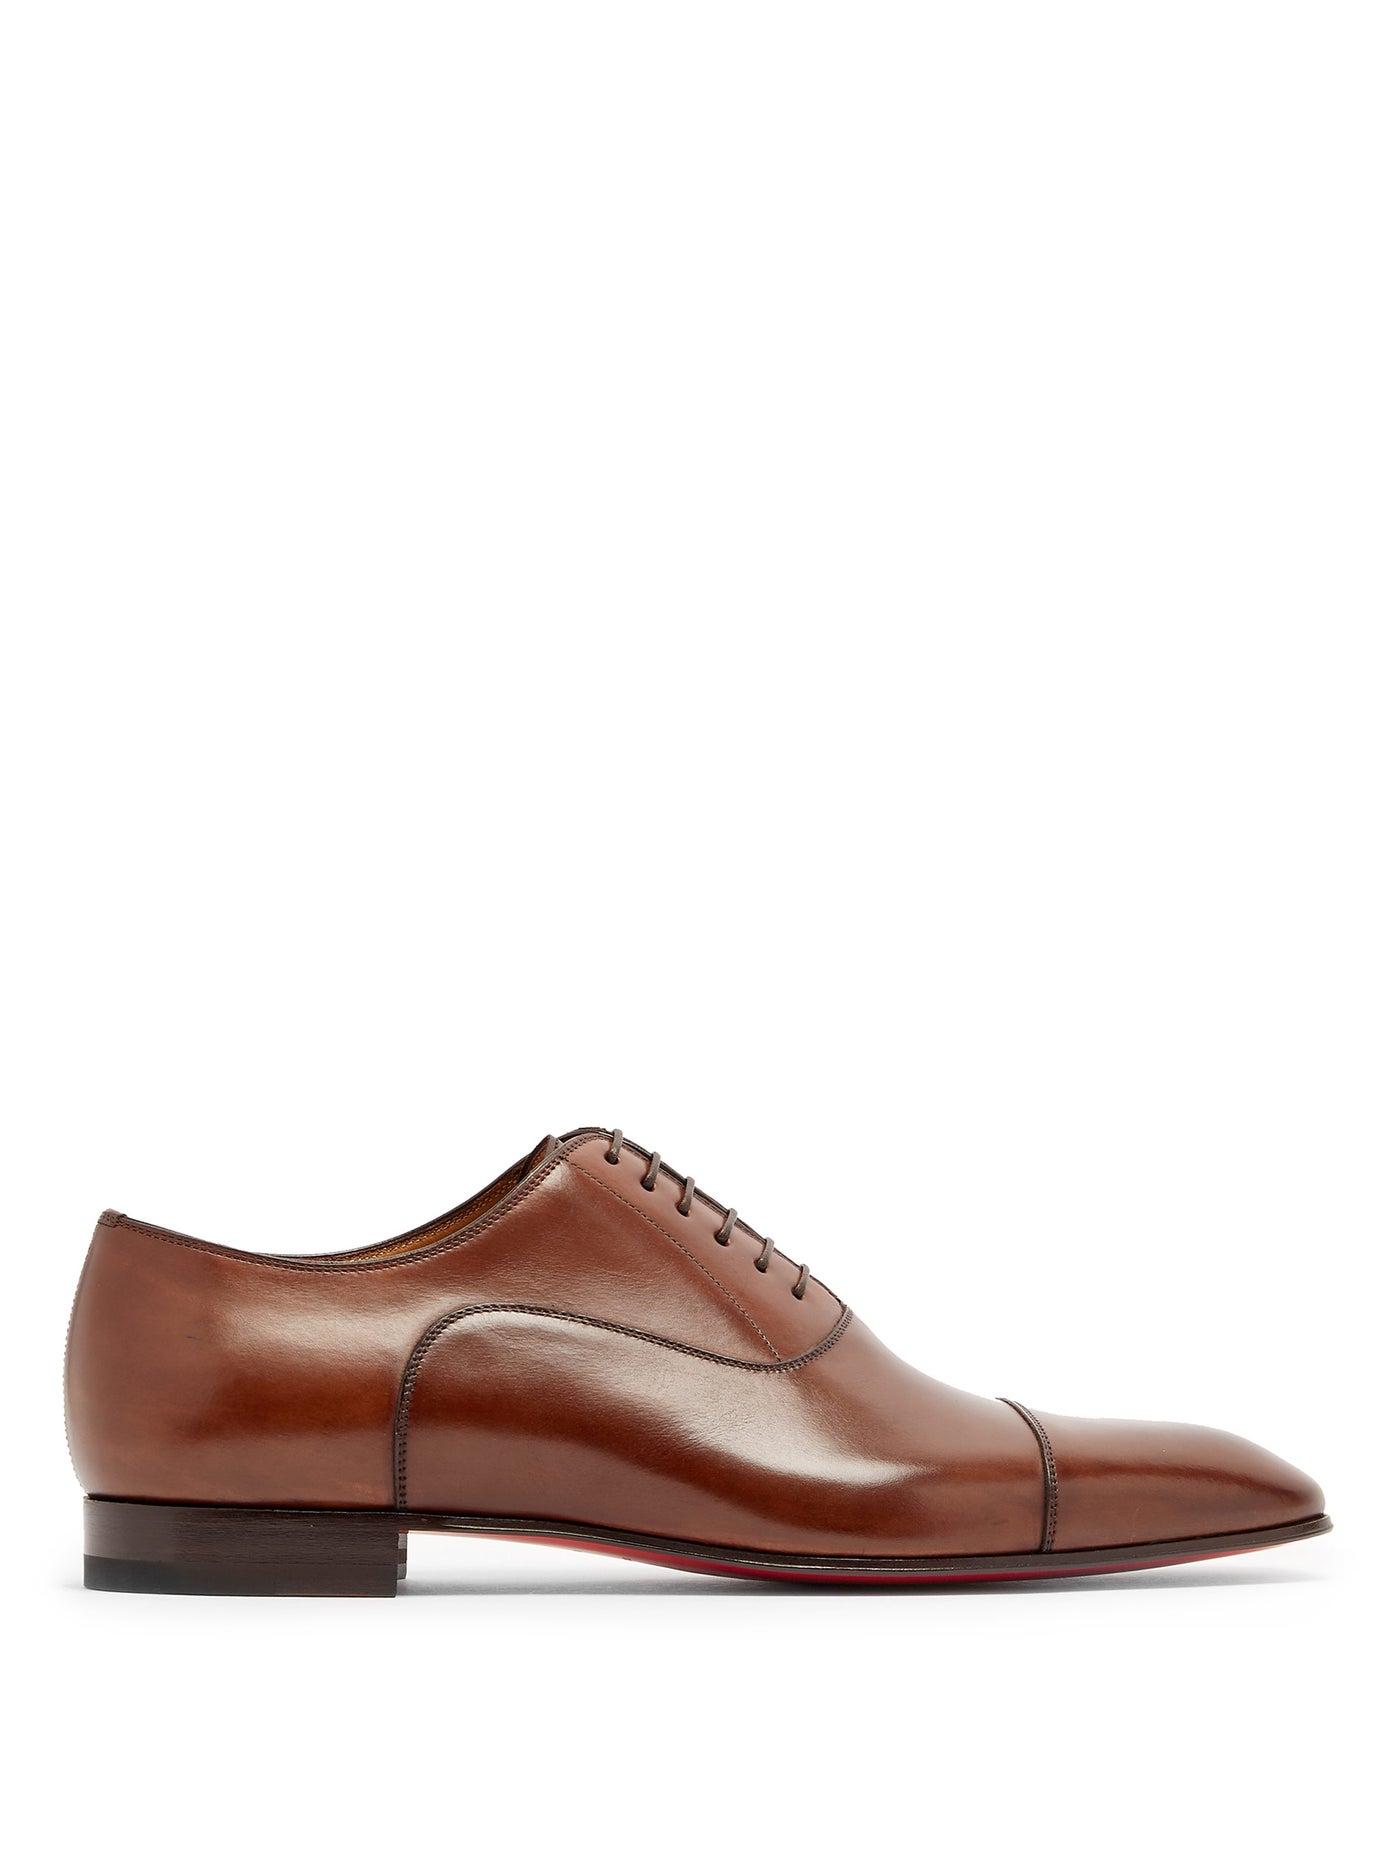 حذاء أنيق باللون البني الفاتح من Christian Louboutin